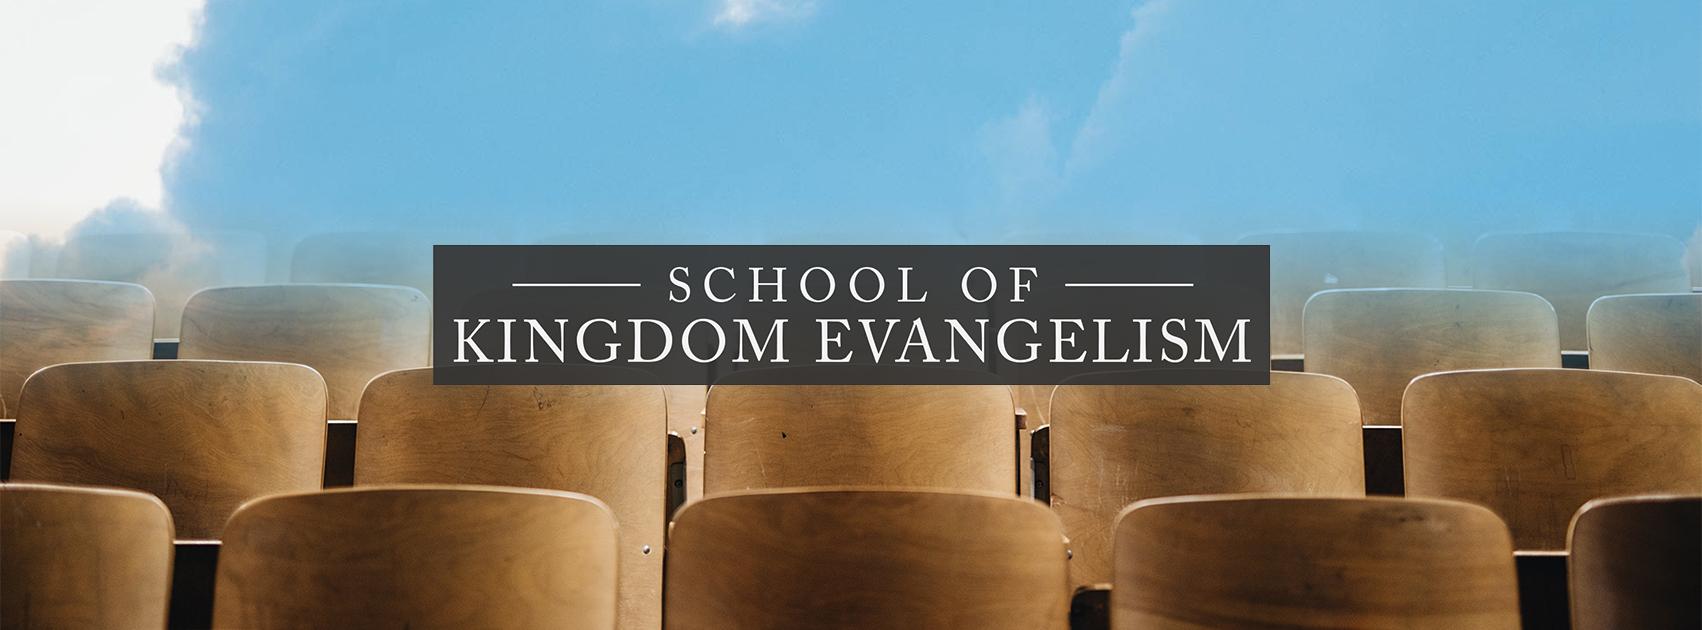 School of Evangelism FB Cover Photo.jpg